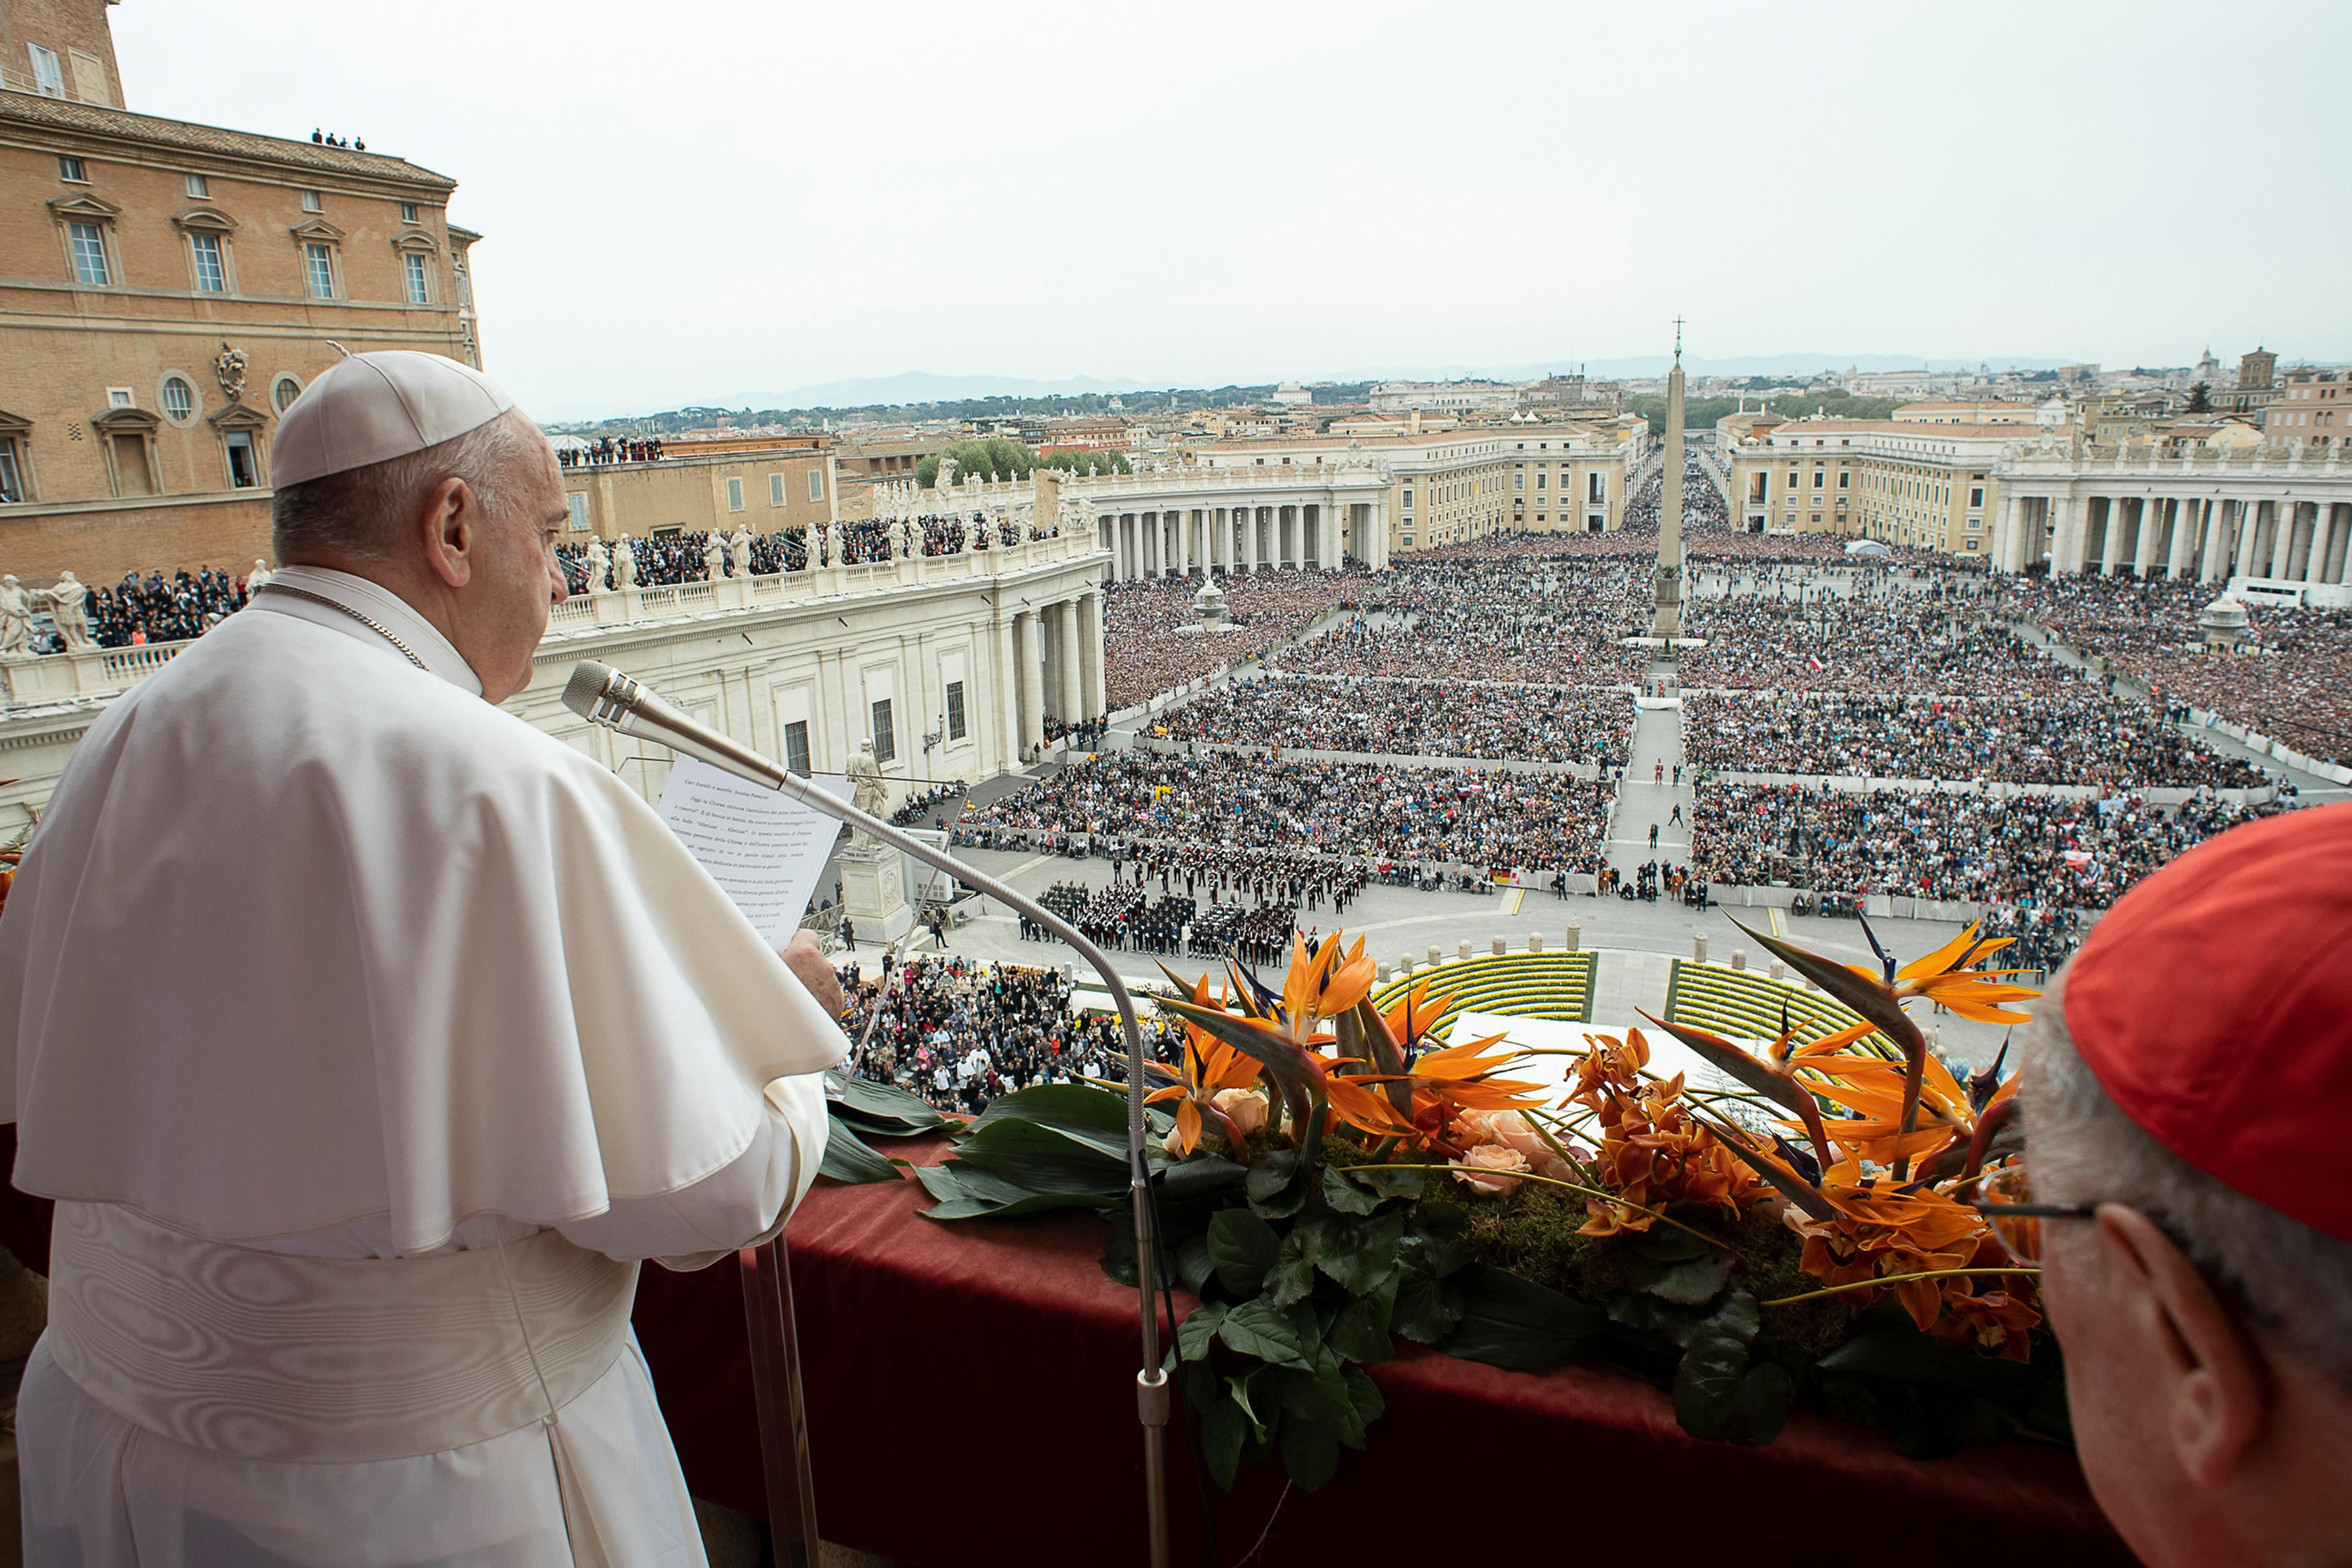 A pápa azt kéri, korunk sok szenvedésével szemben az emberiség ne maradjon rideg és közömbös